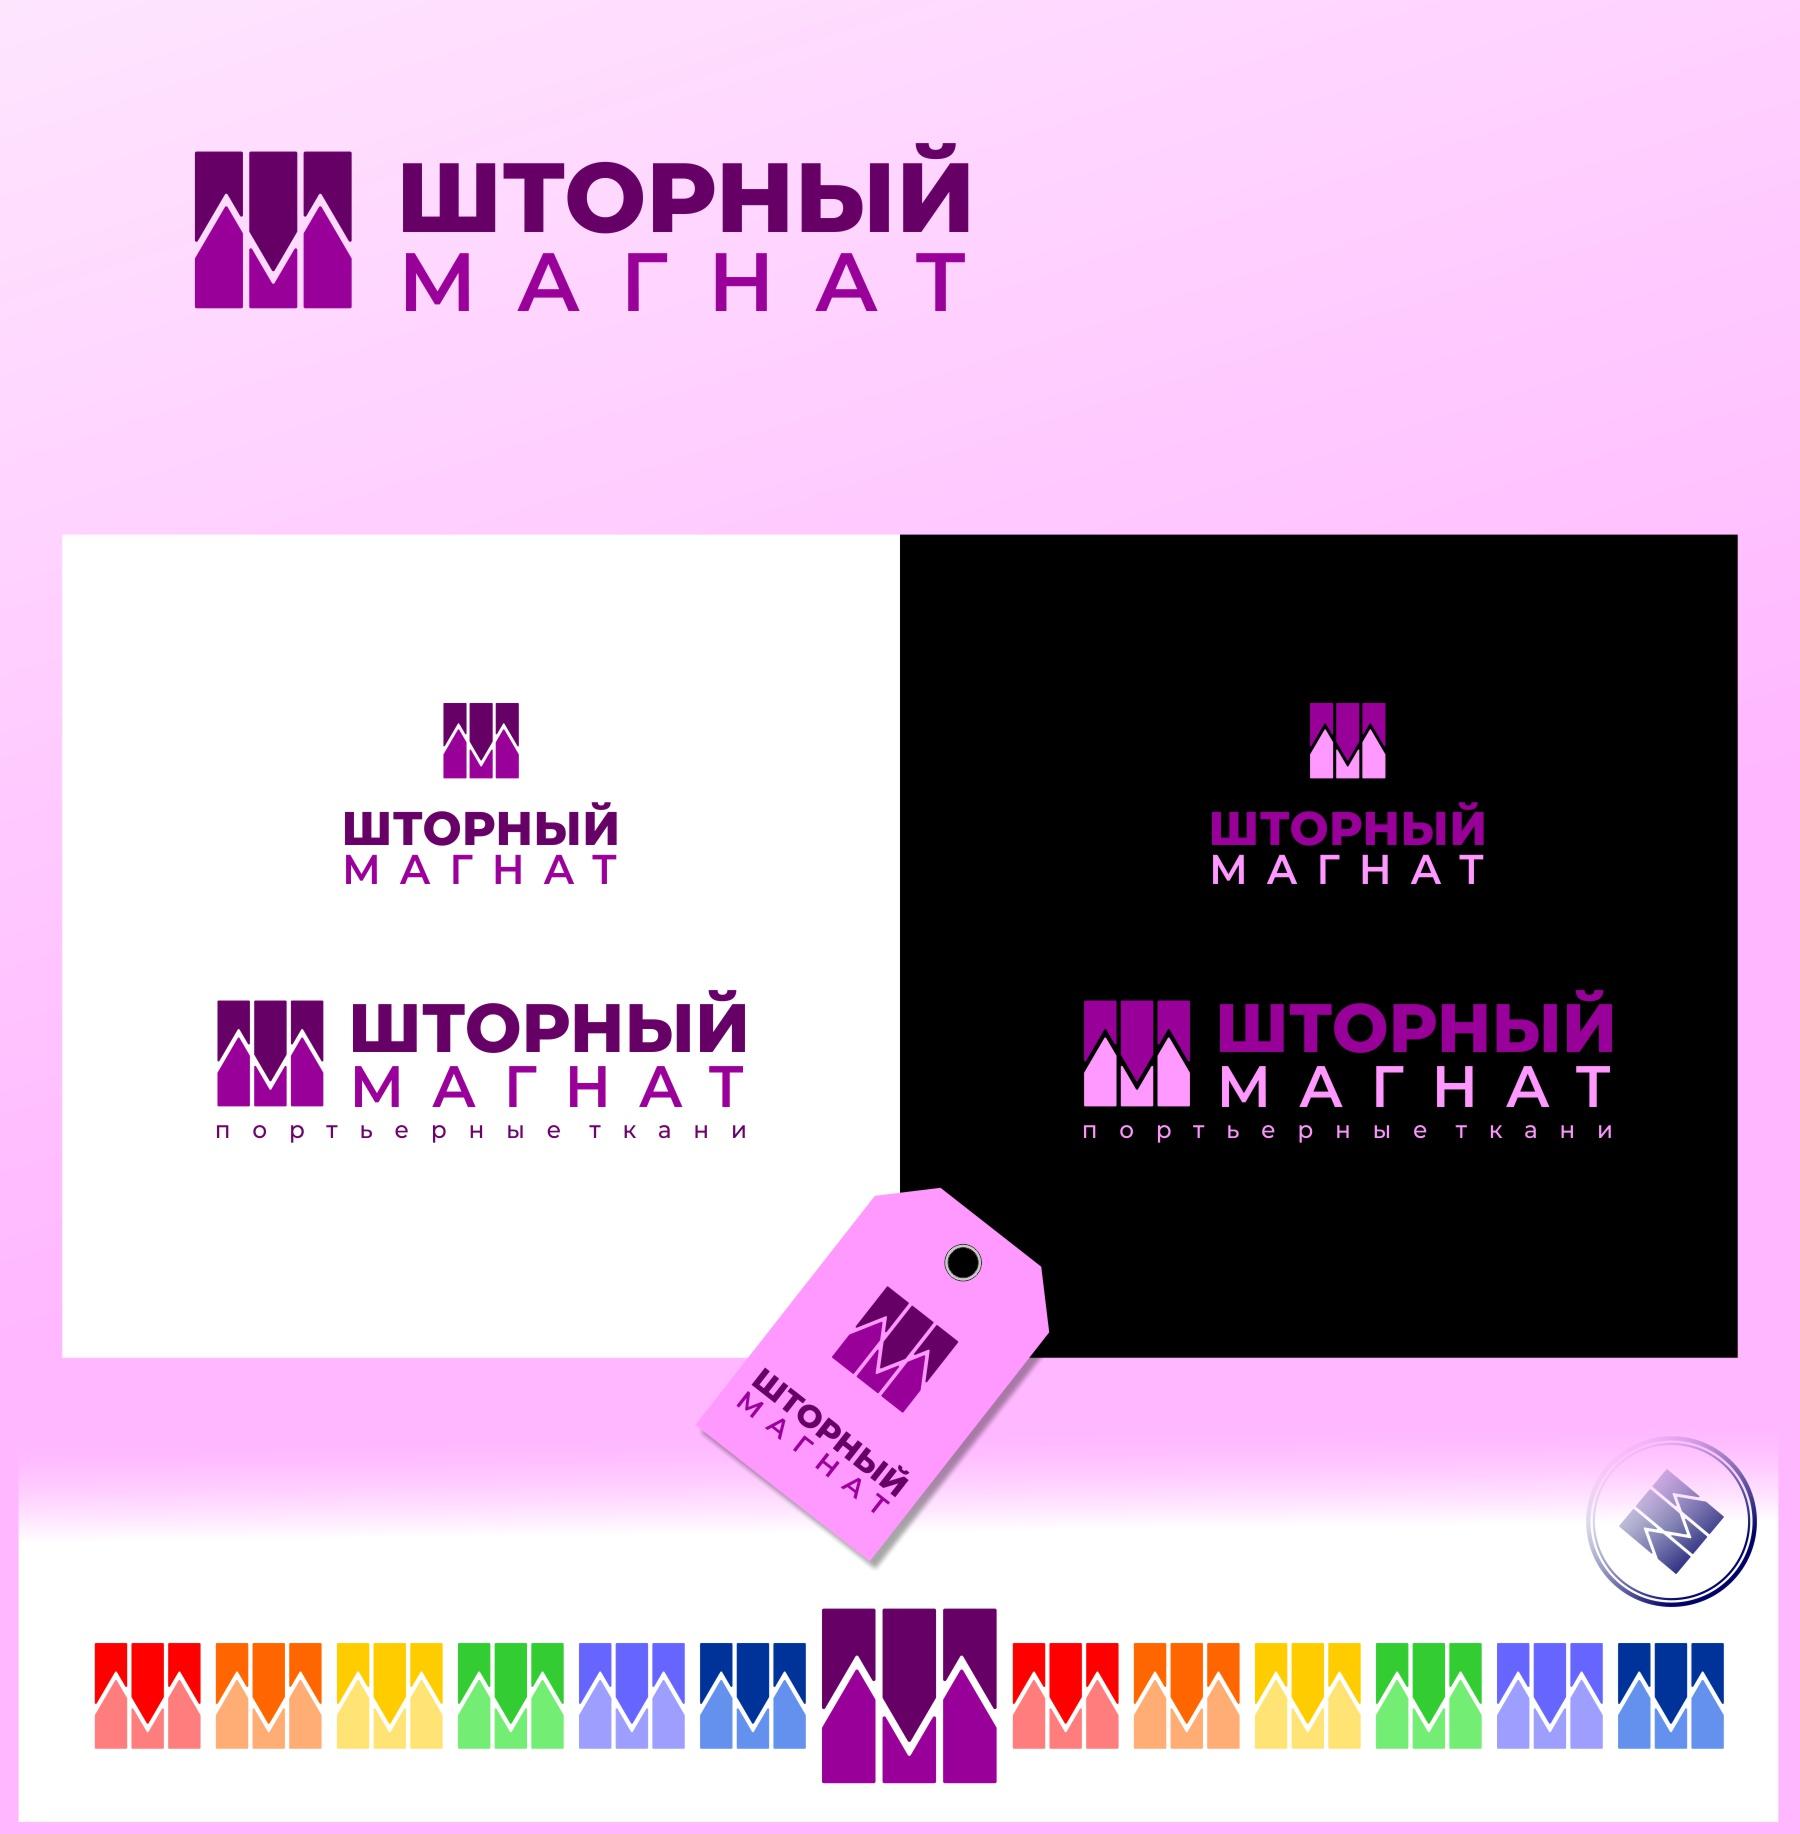 Логотип и фирменный стиль для магазина тканей. фото f_5515ce248e631513.jpg